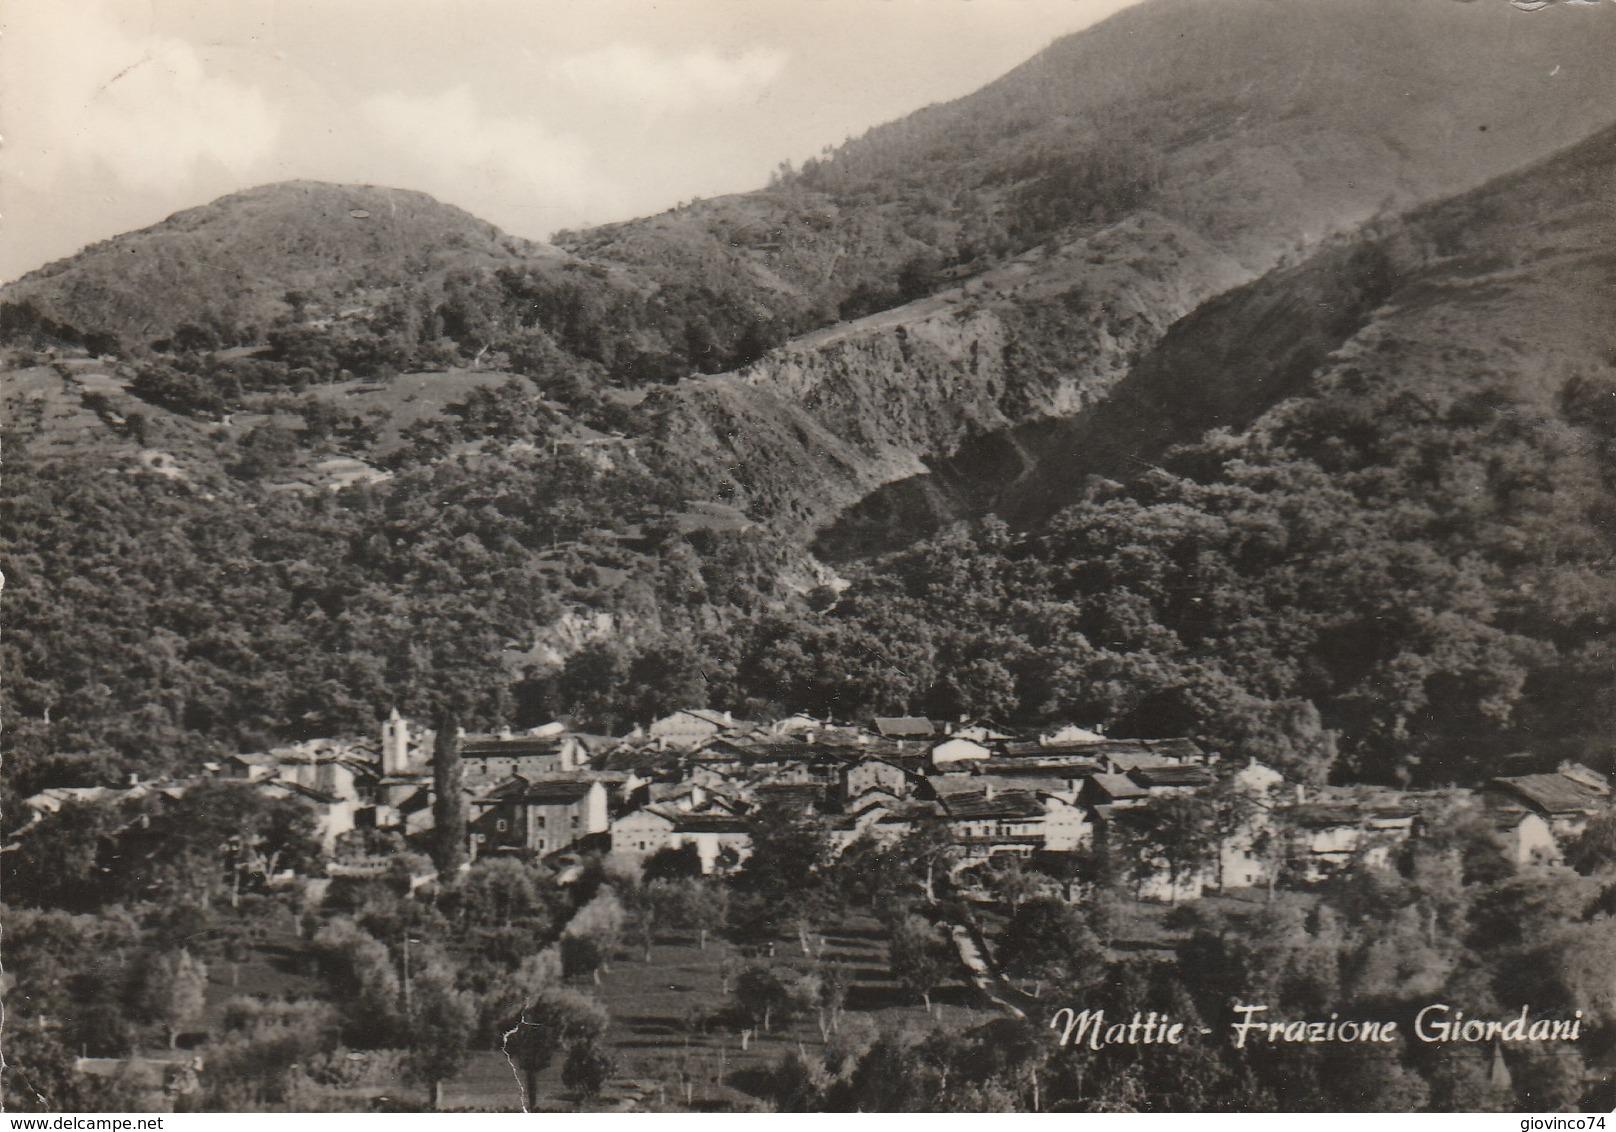 TORINO - MATTIE - FRAZIONE GIORDANI.......F6 - Italia